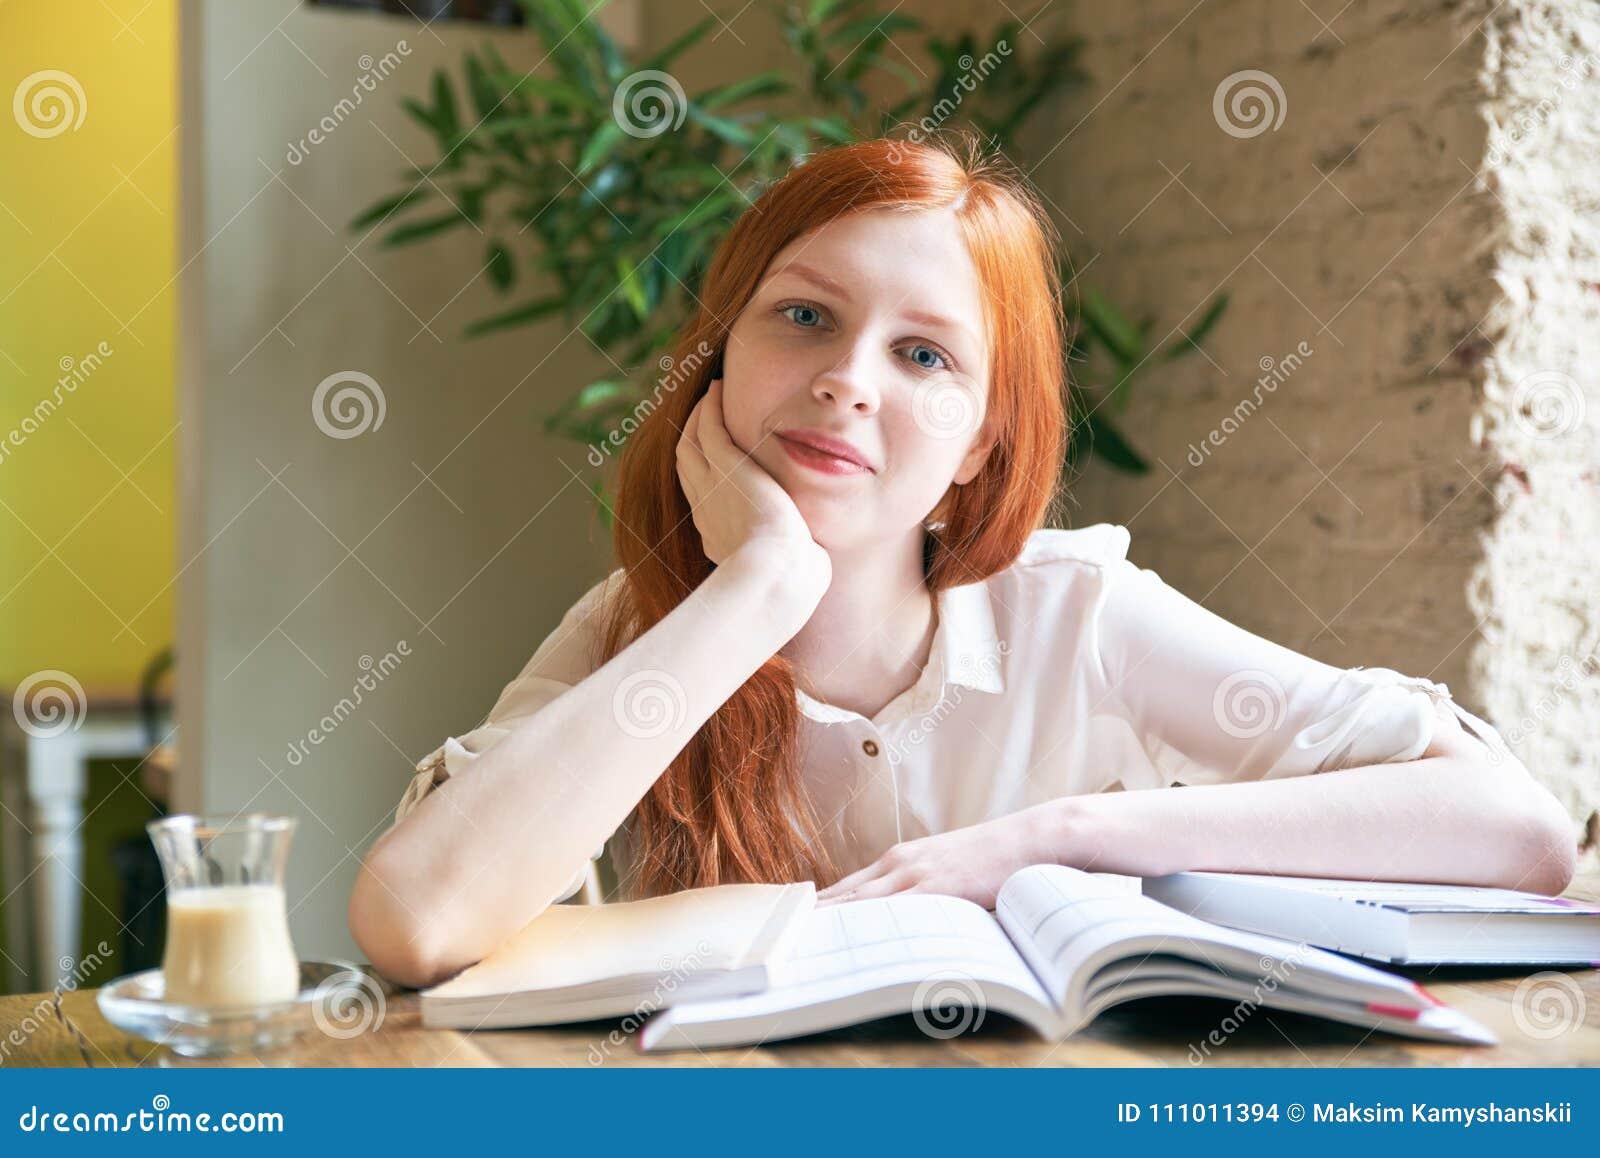 Är den kvinnliga studenten för den unga attraktiva flickan med vit hud och långt rött hår läseböcker och att studera som omger av